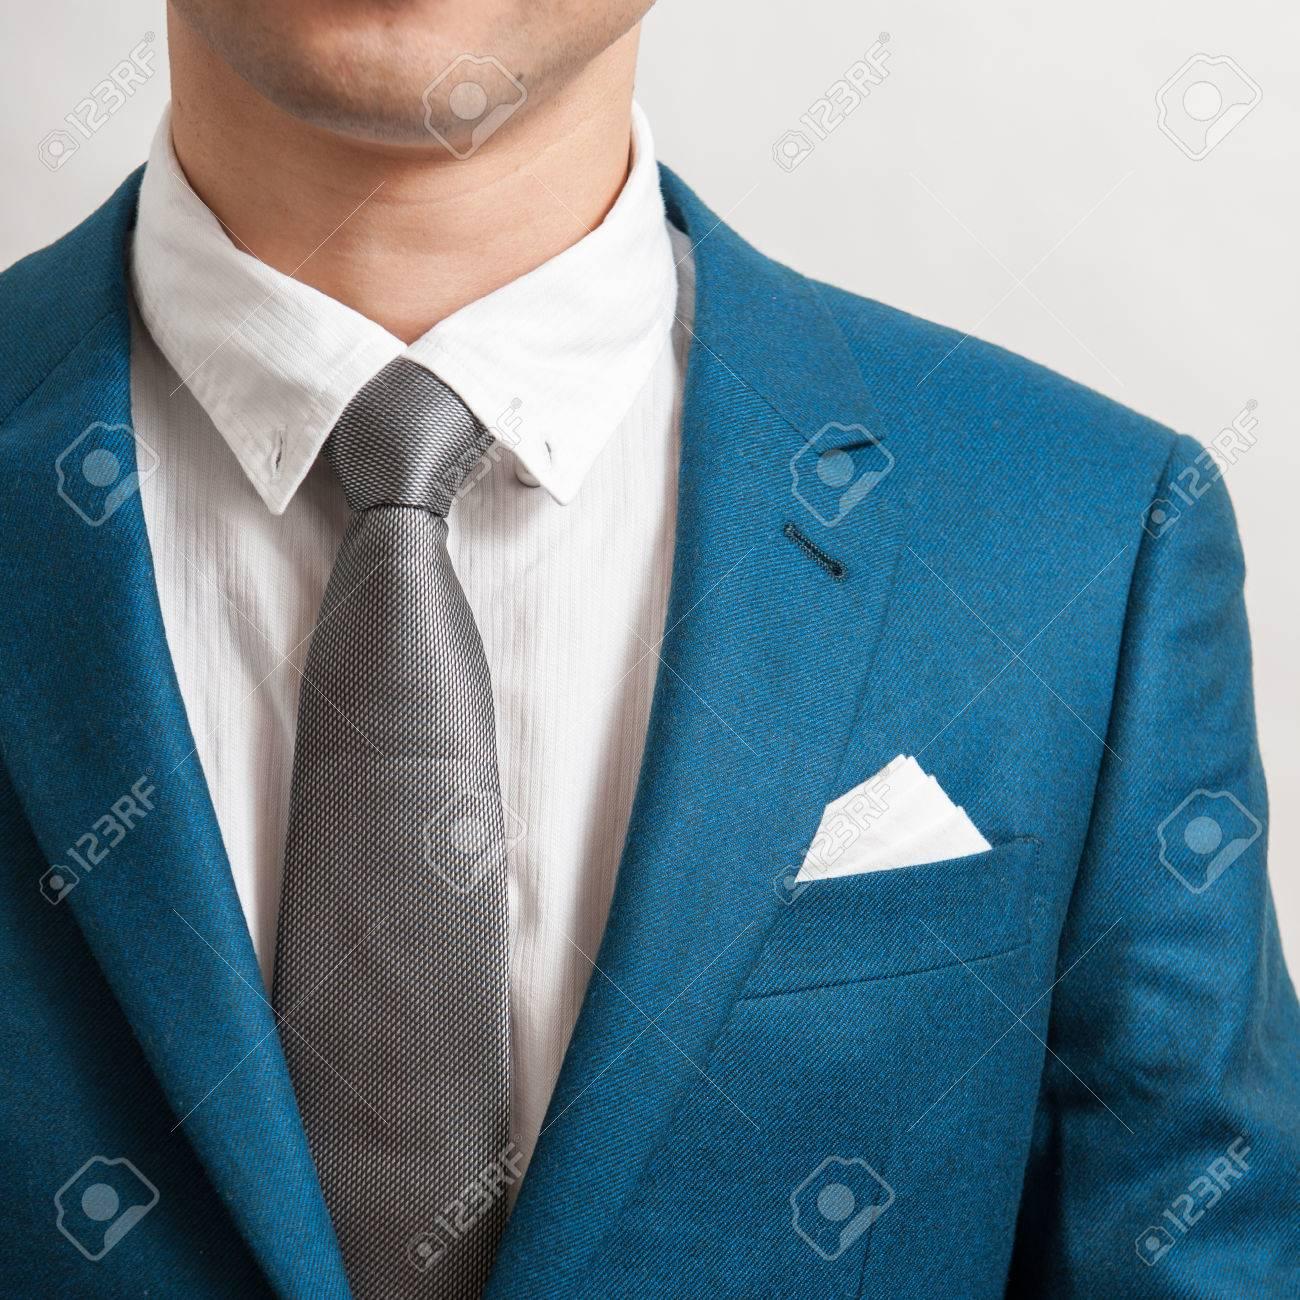 Einstecktuch Blauer Anzug Welche Krawatte Zum Blauen Anzug Mode